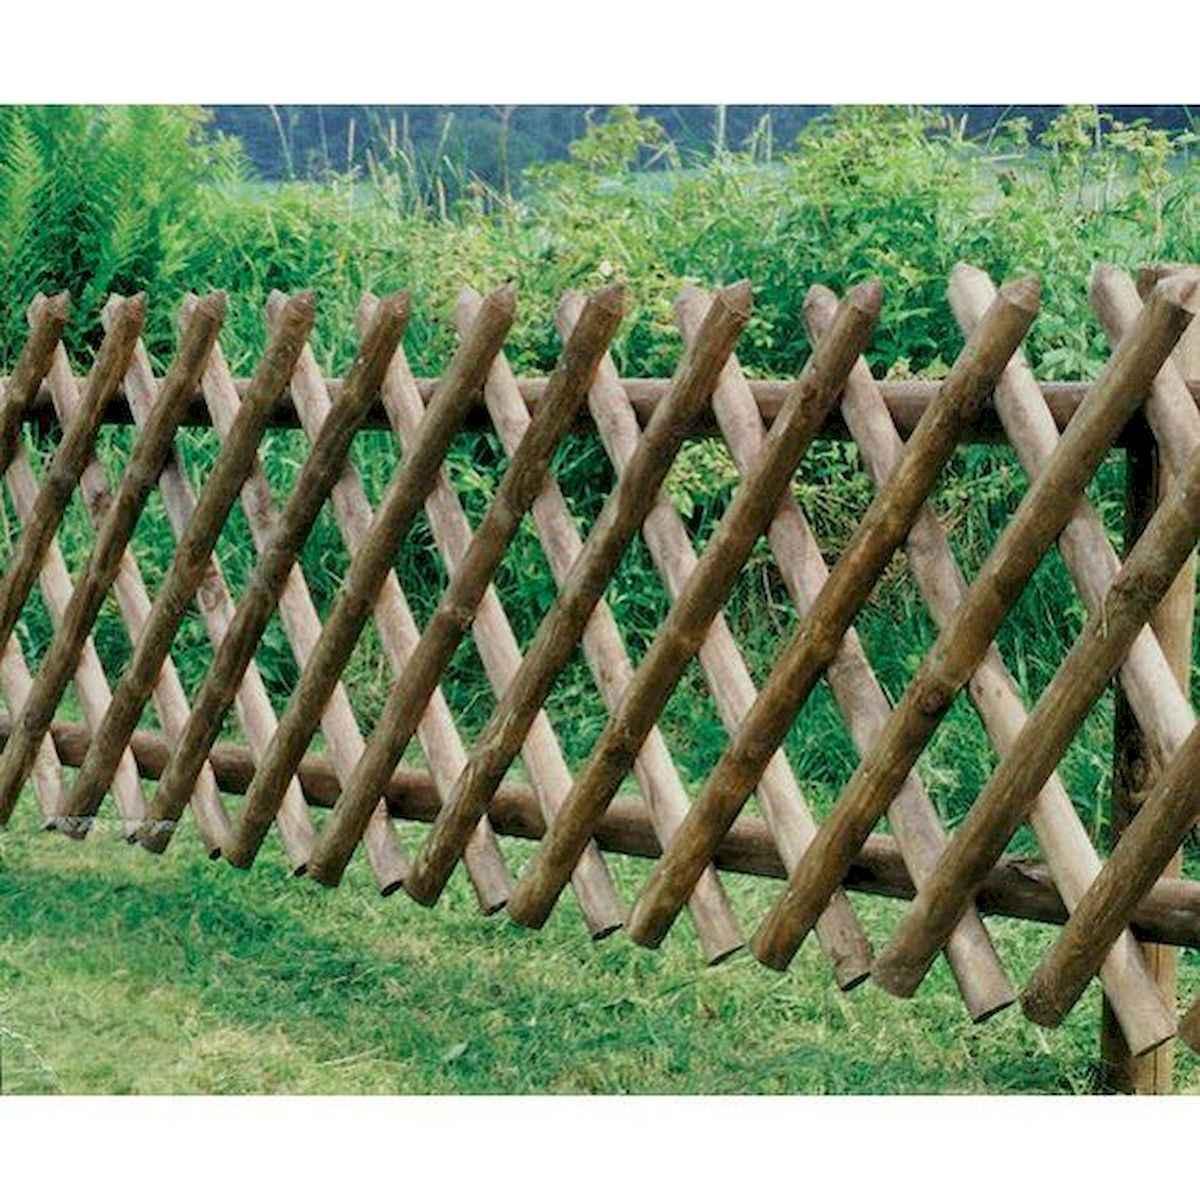 40 Unique Garden Fence Decoration Ideas (34)